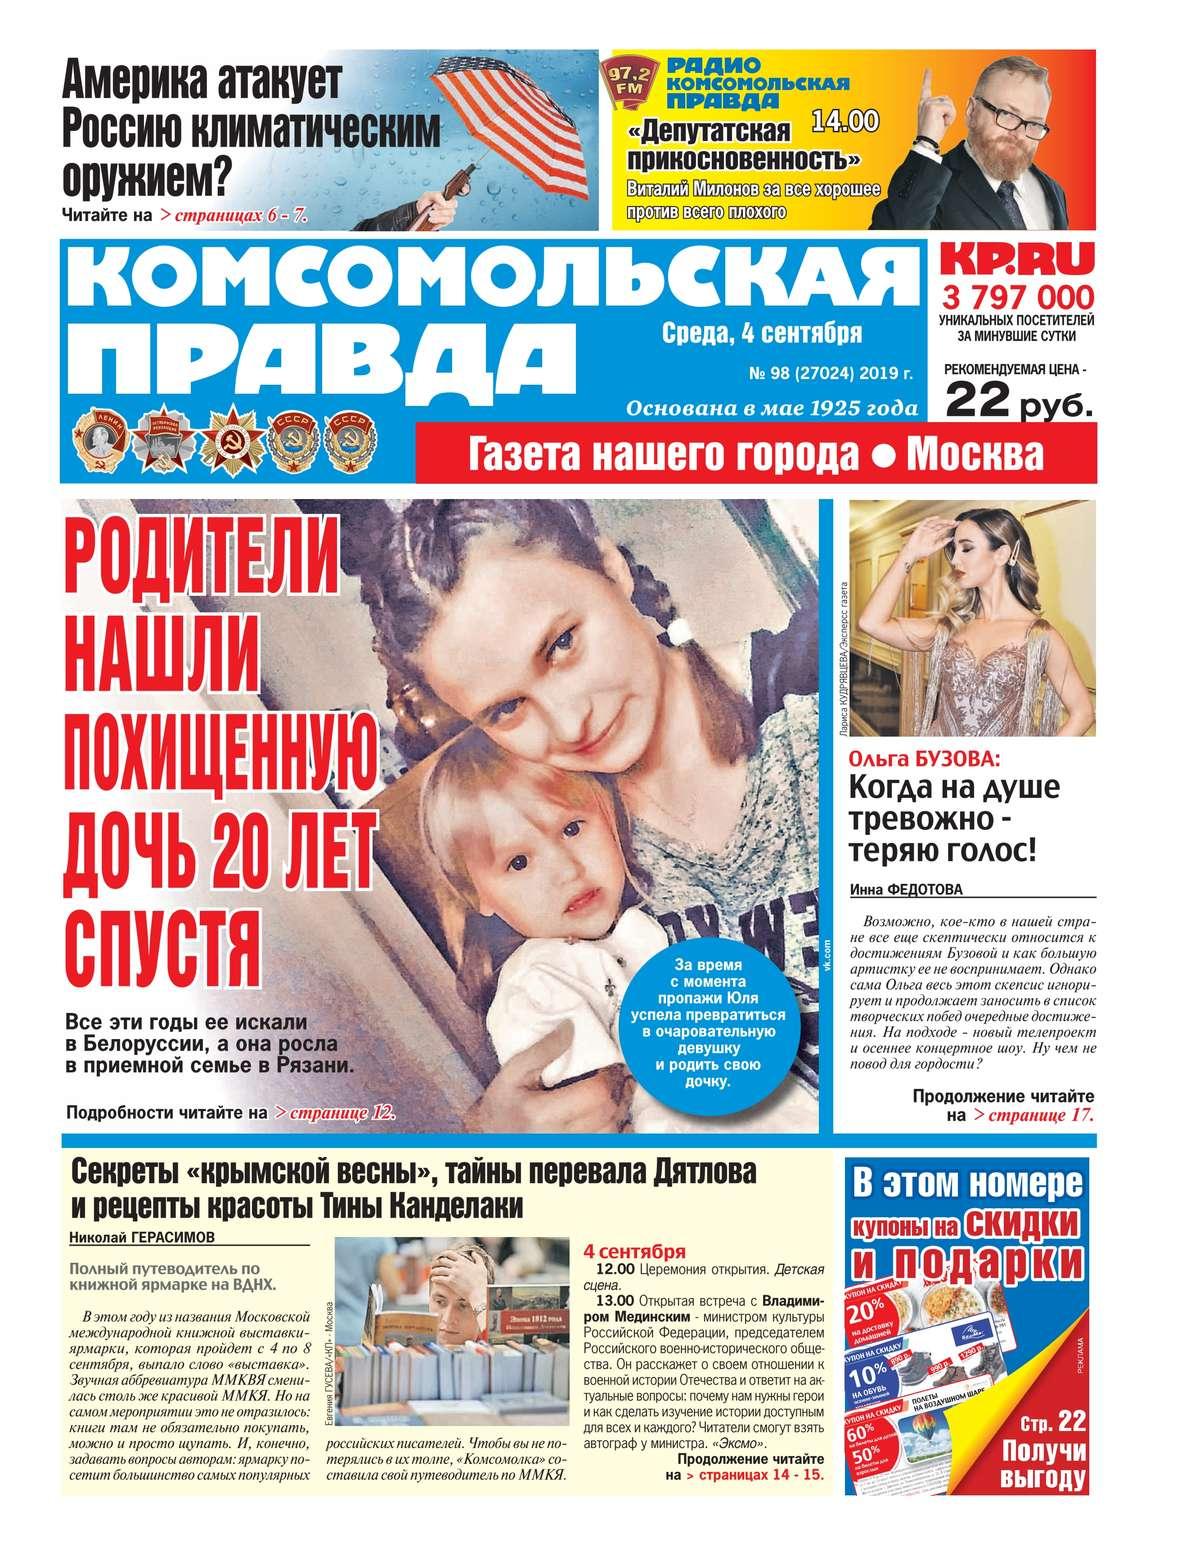 Комсомольская Правда. Москва 98-2019